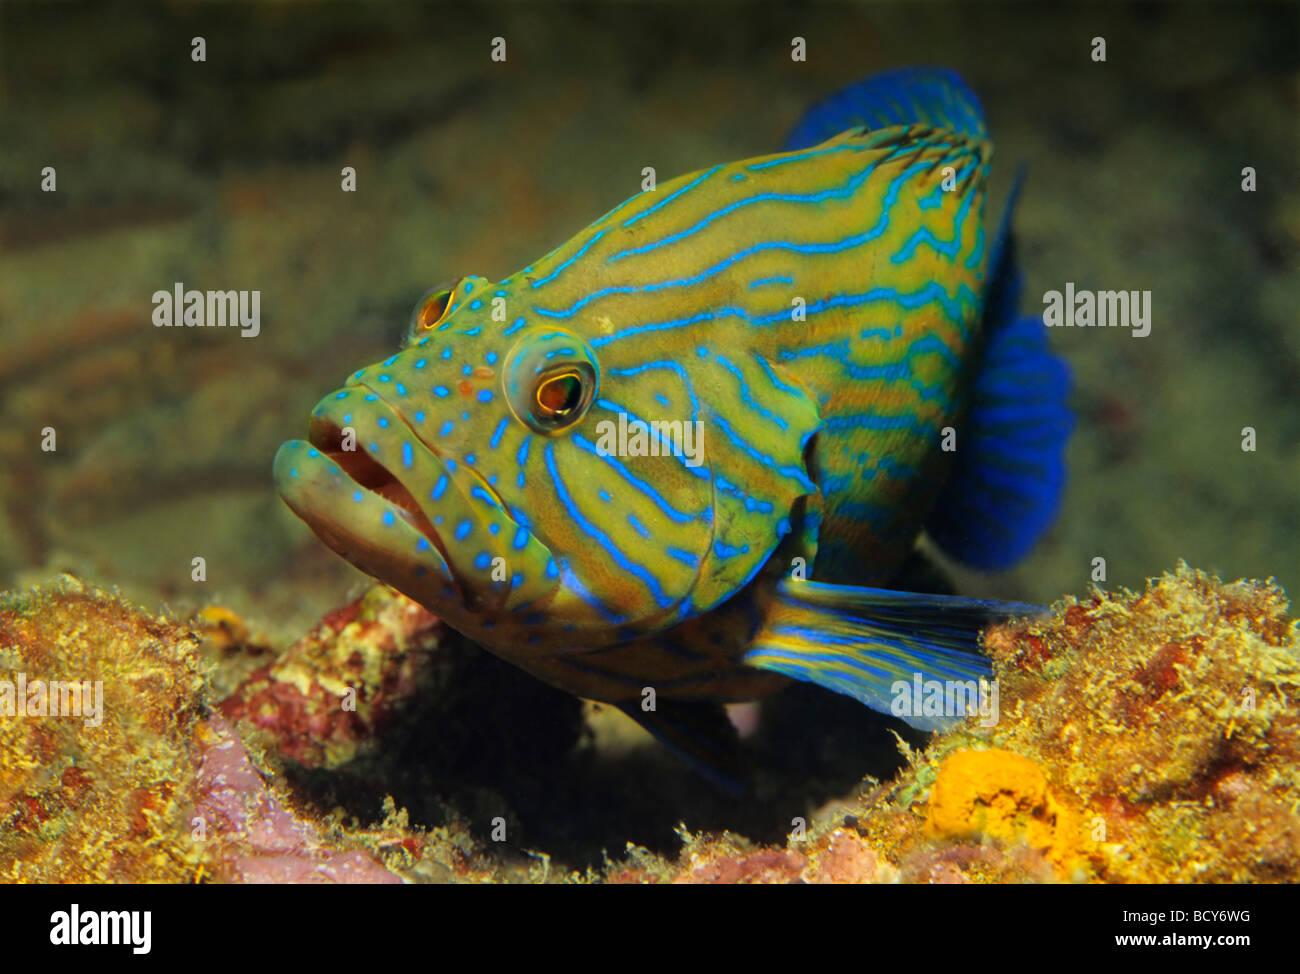 Blauen Streifen Zackenbarsch (Cephalopholis Formosa) im Korallenriff, Similan Inseln, Andamanensee, Thailand, Asien, Stockbild